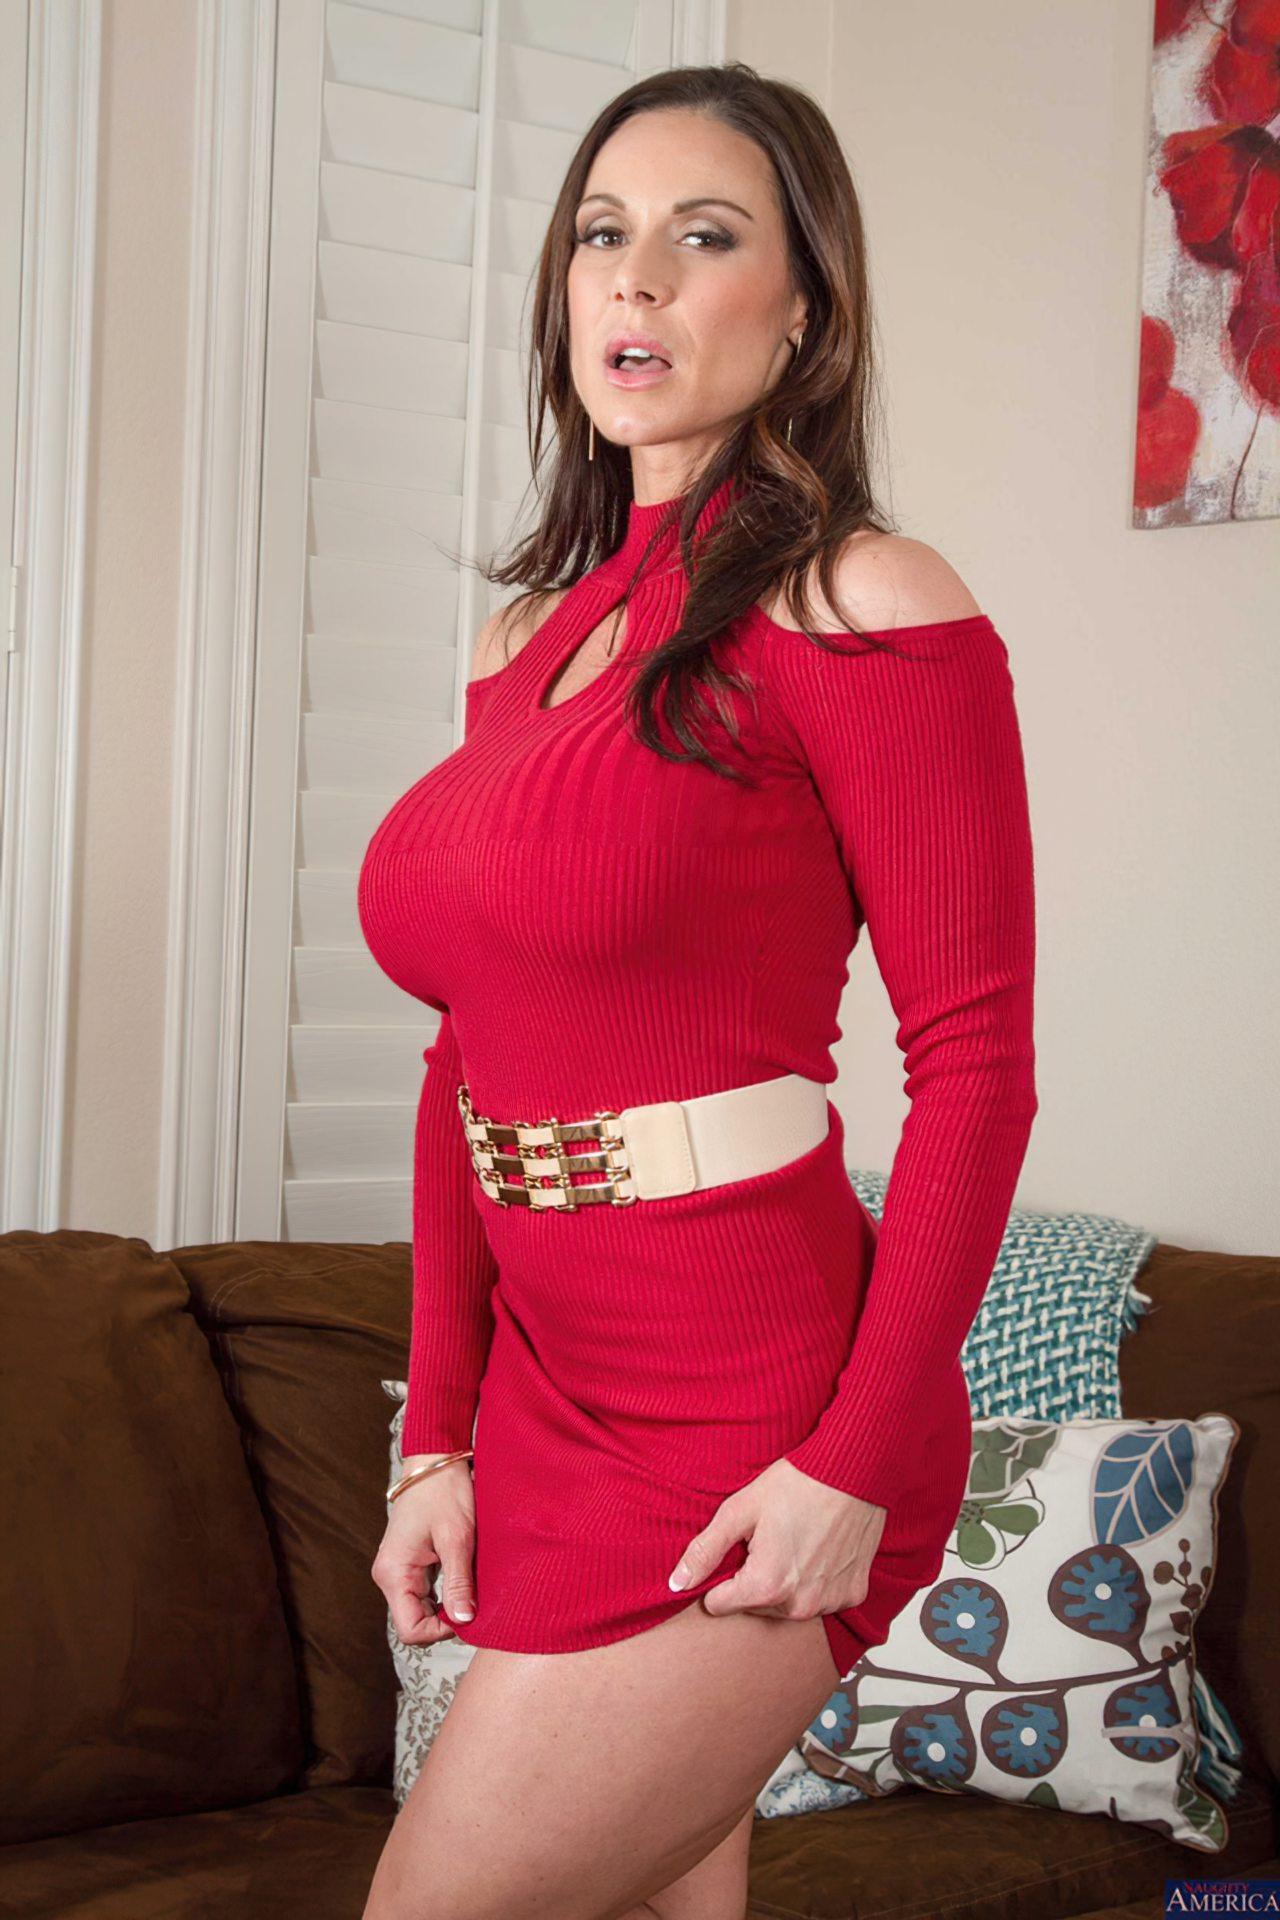 Milf Despindo Vestido Vermelho (3)